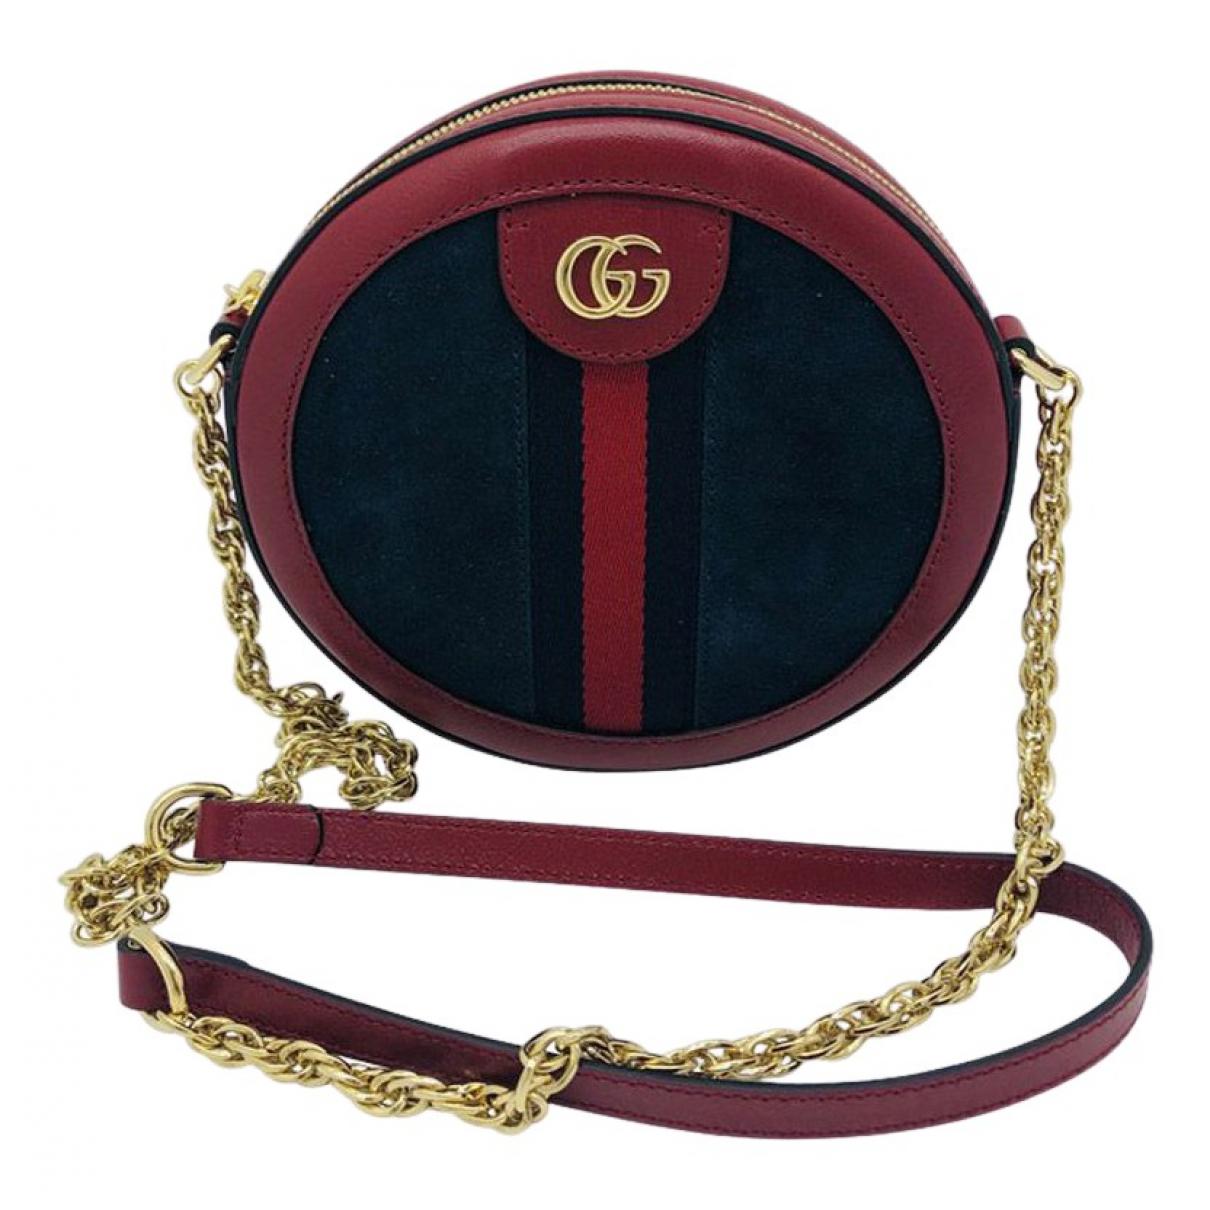 Gucci \N Blue Suede handbag for Women \N